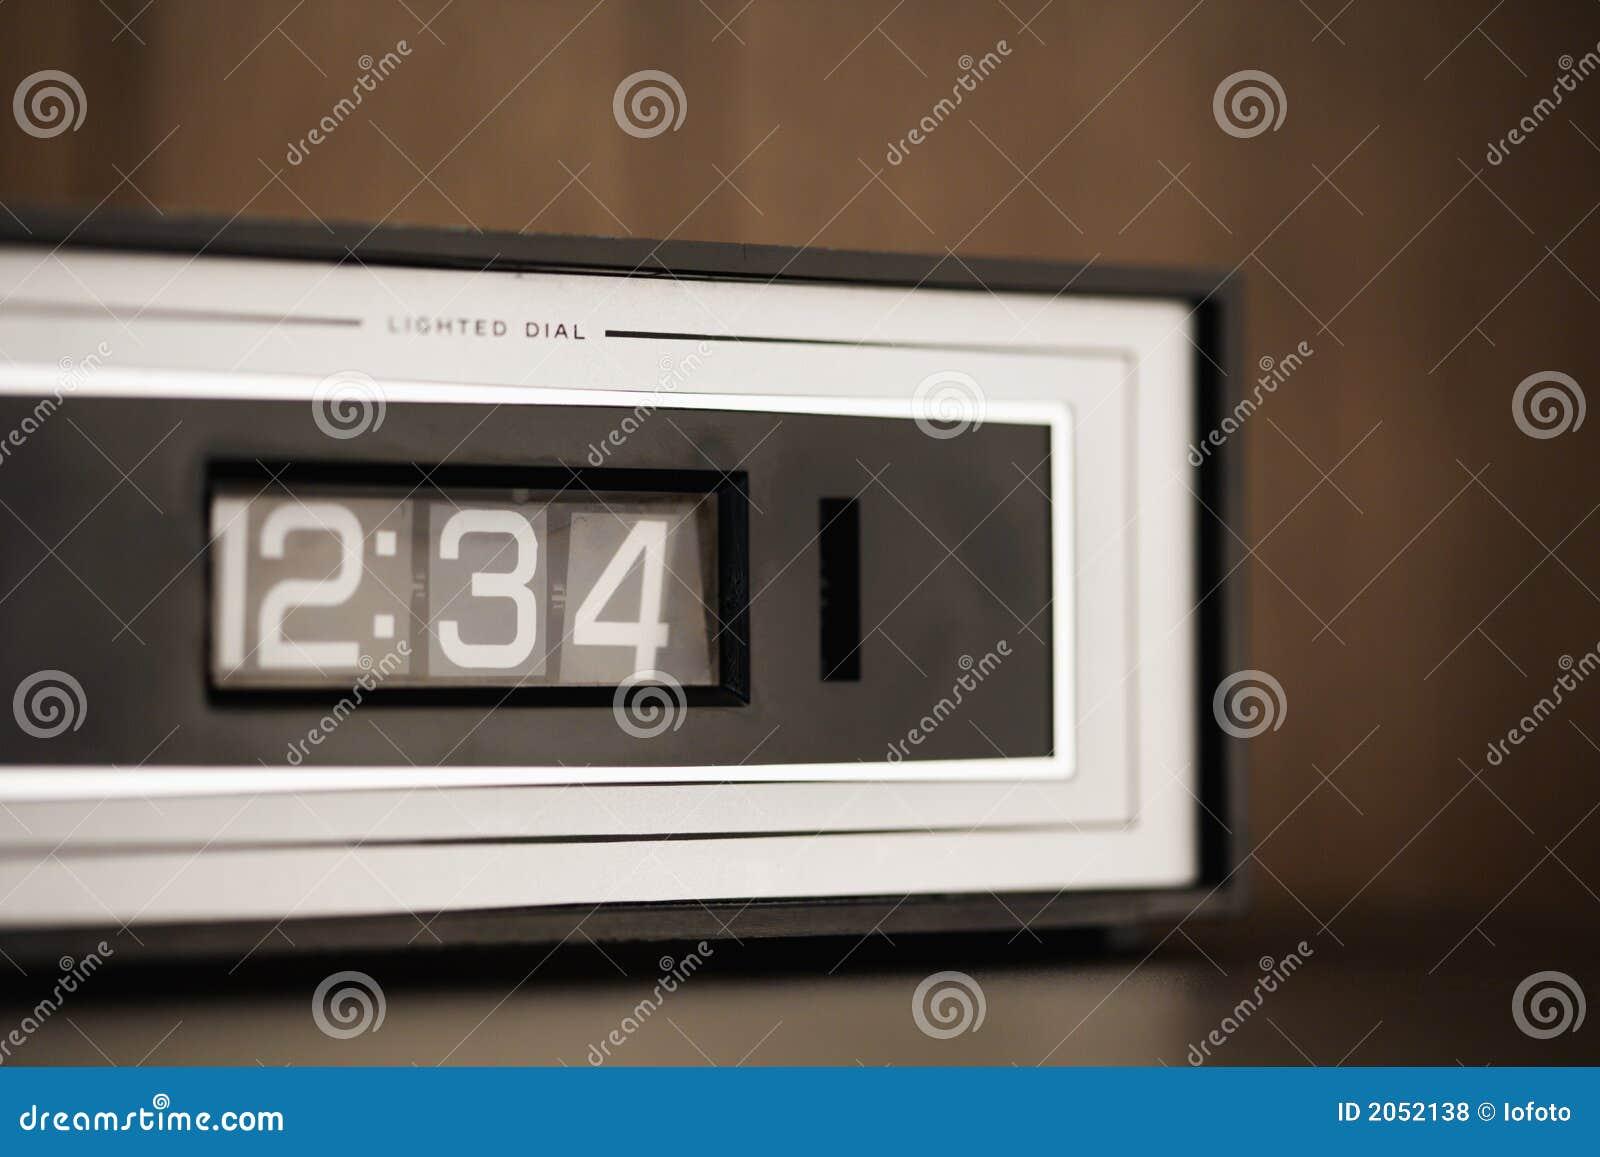 Registre el conjunto para el 12:34.